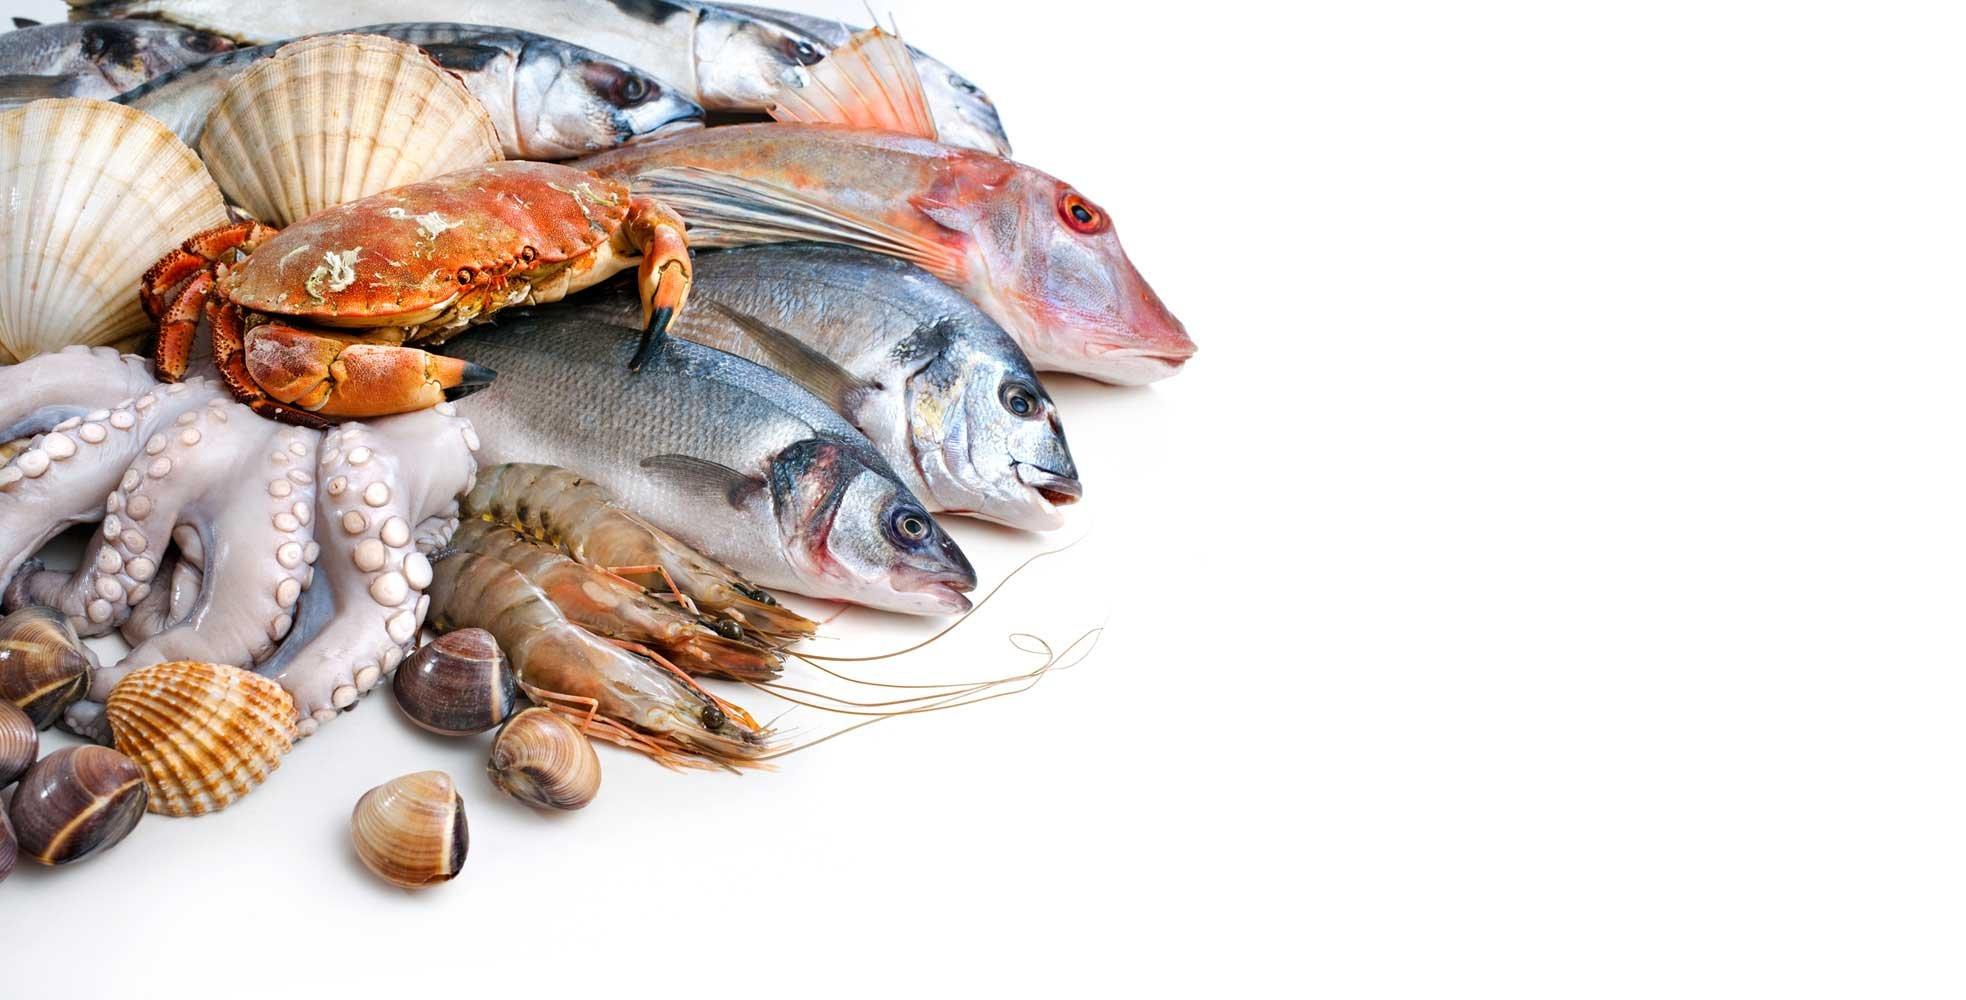 Thai Design Seafood Food Fish Sea Ocean Wallpaper 1966x1000 722595